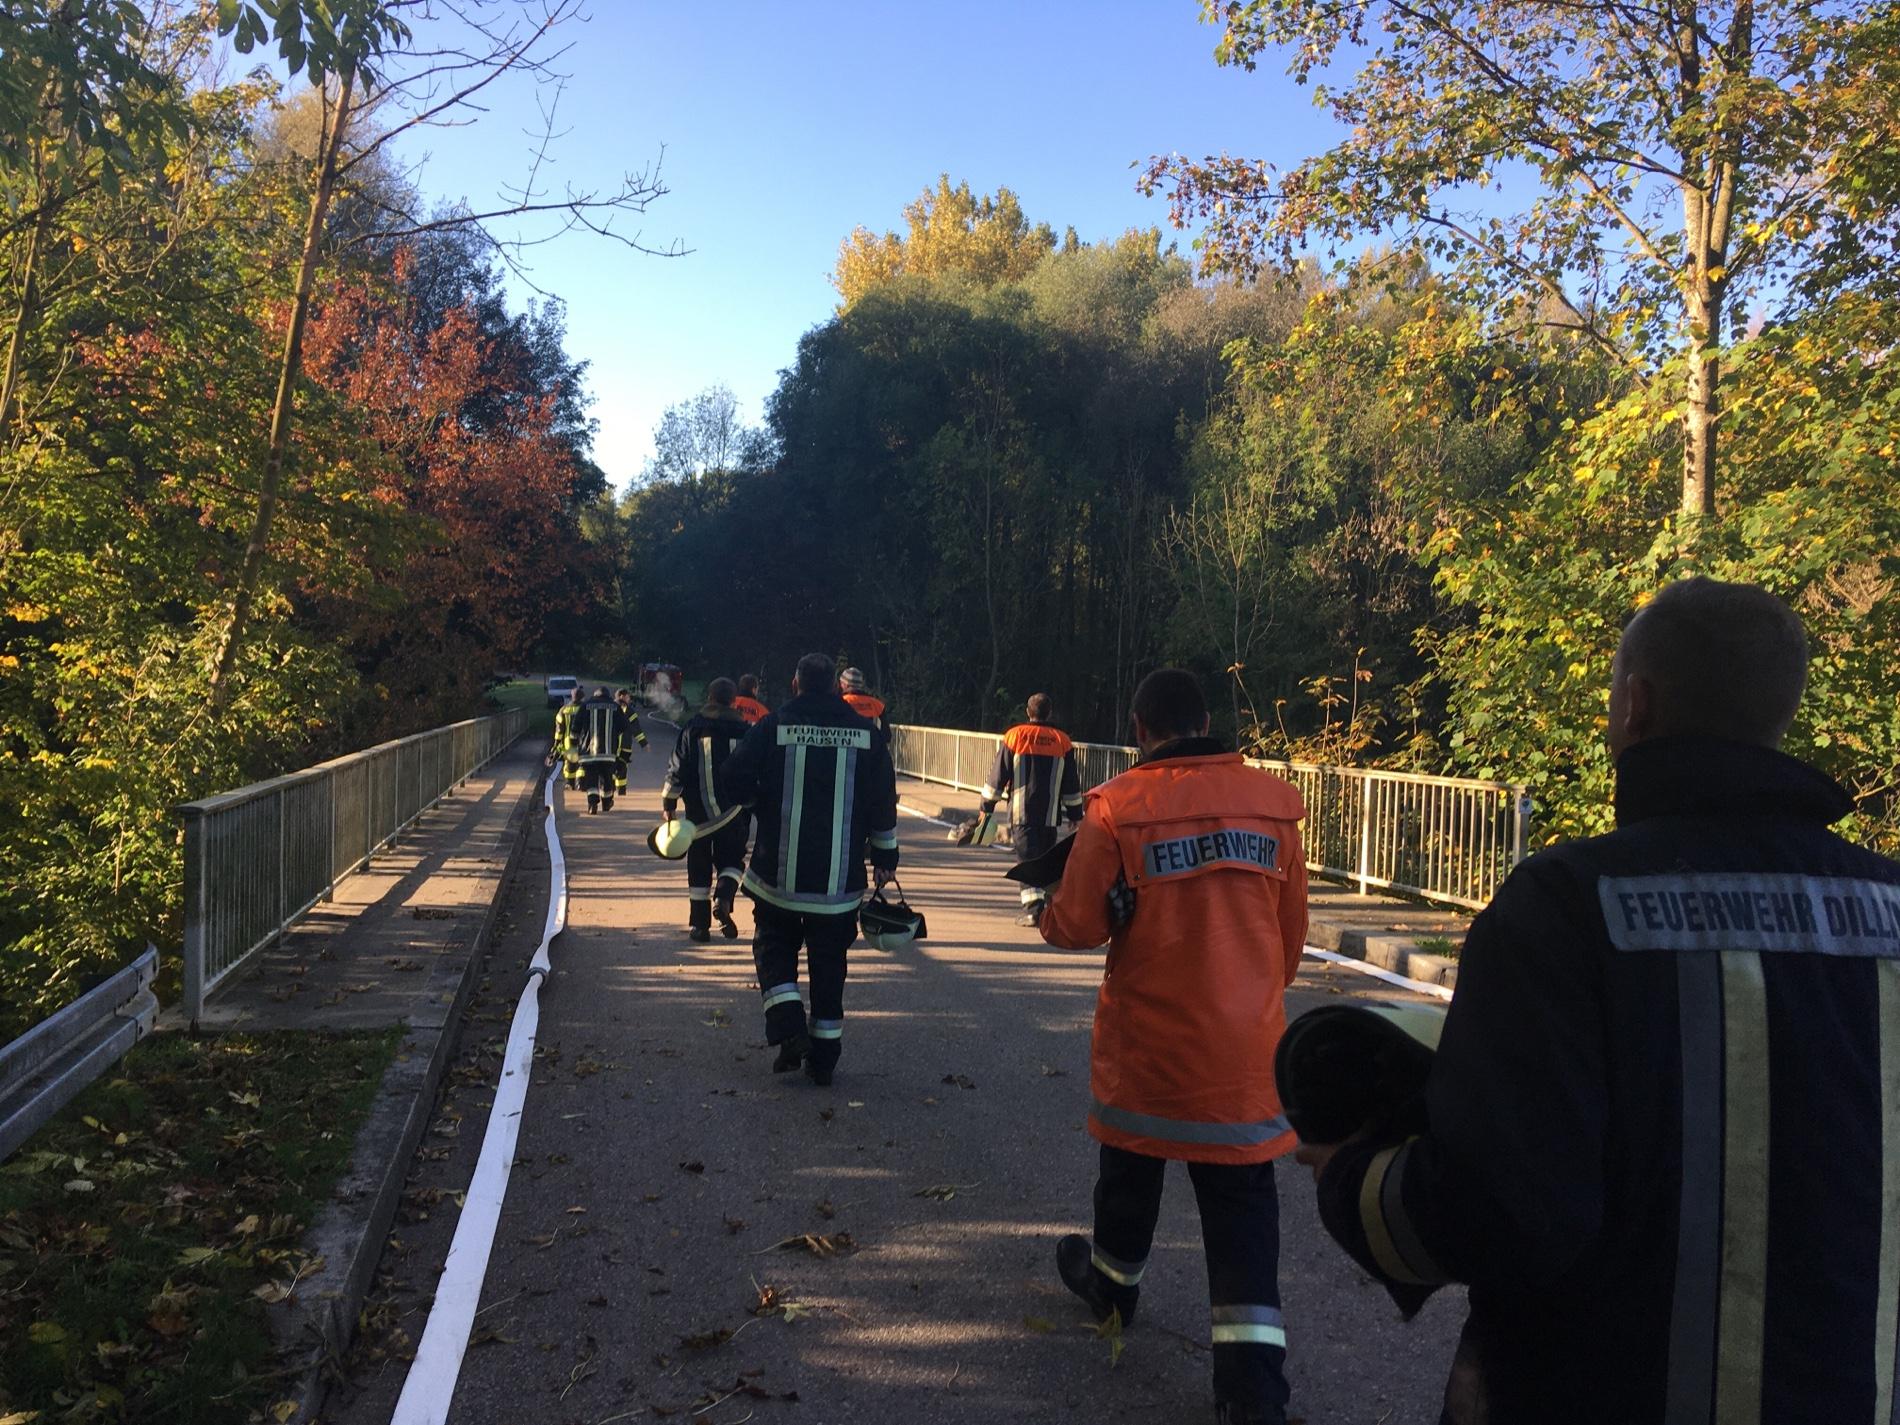 An der Brenz in Faimingen wurde praktisch geübt. Mehrere Feuerwehrleute laufen auf einer Brücke über den Fluss Brenz in Faimingen.